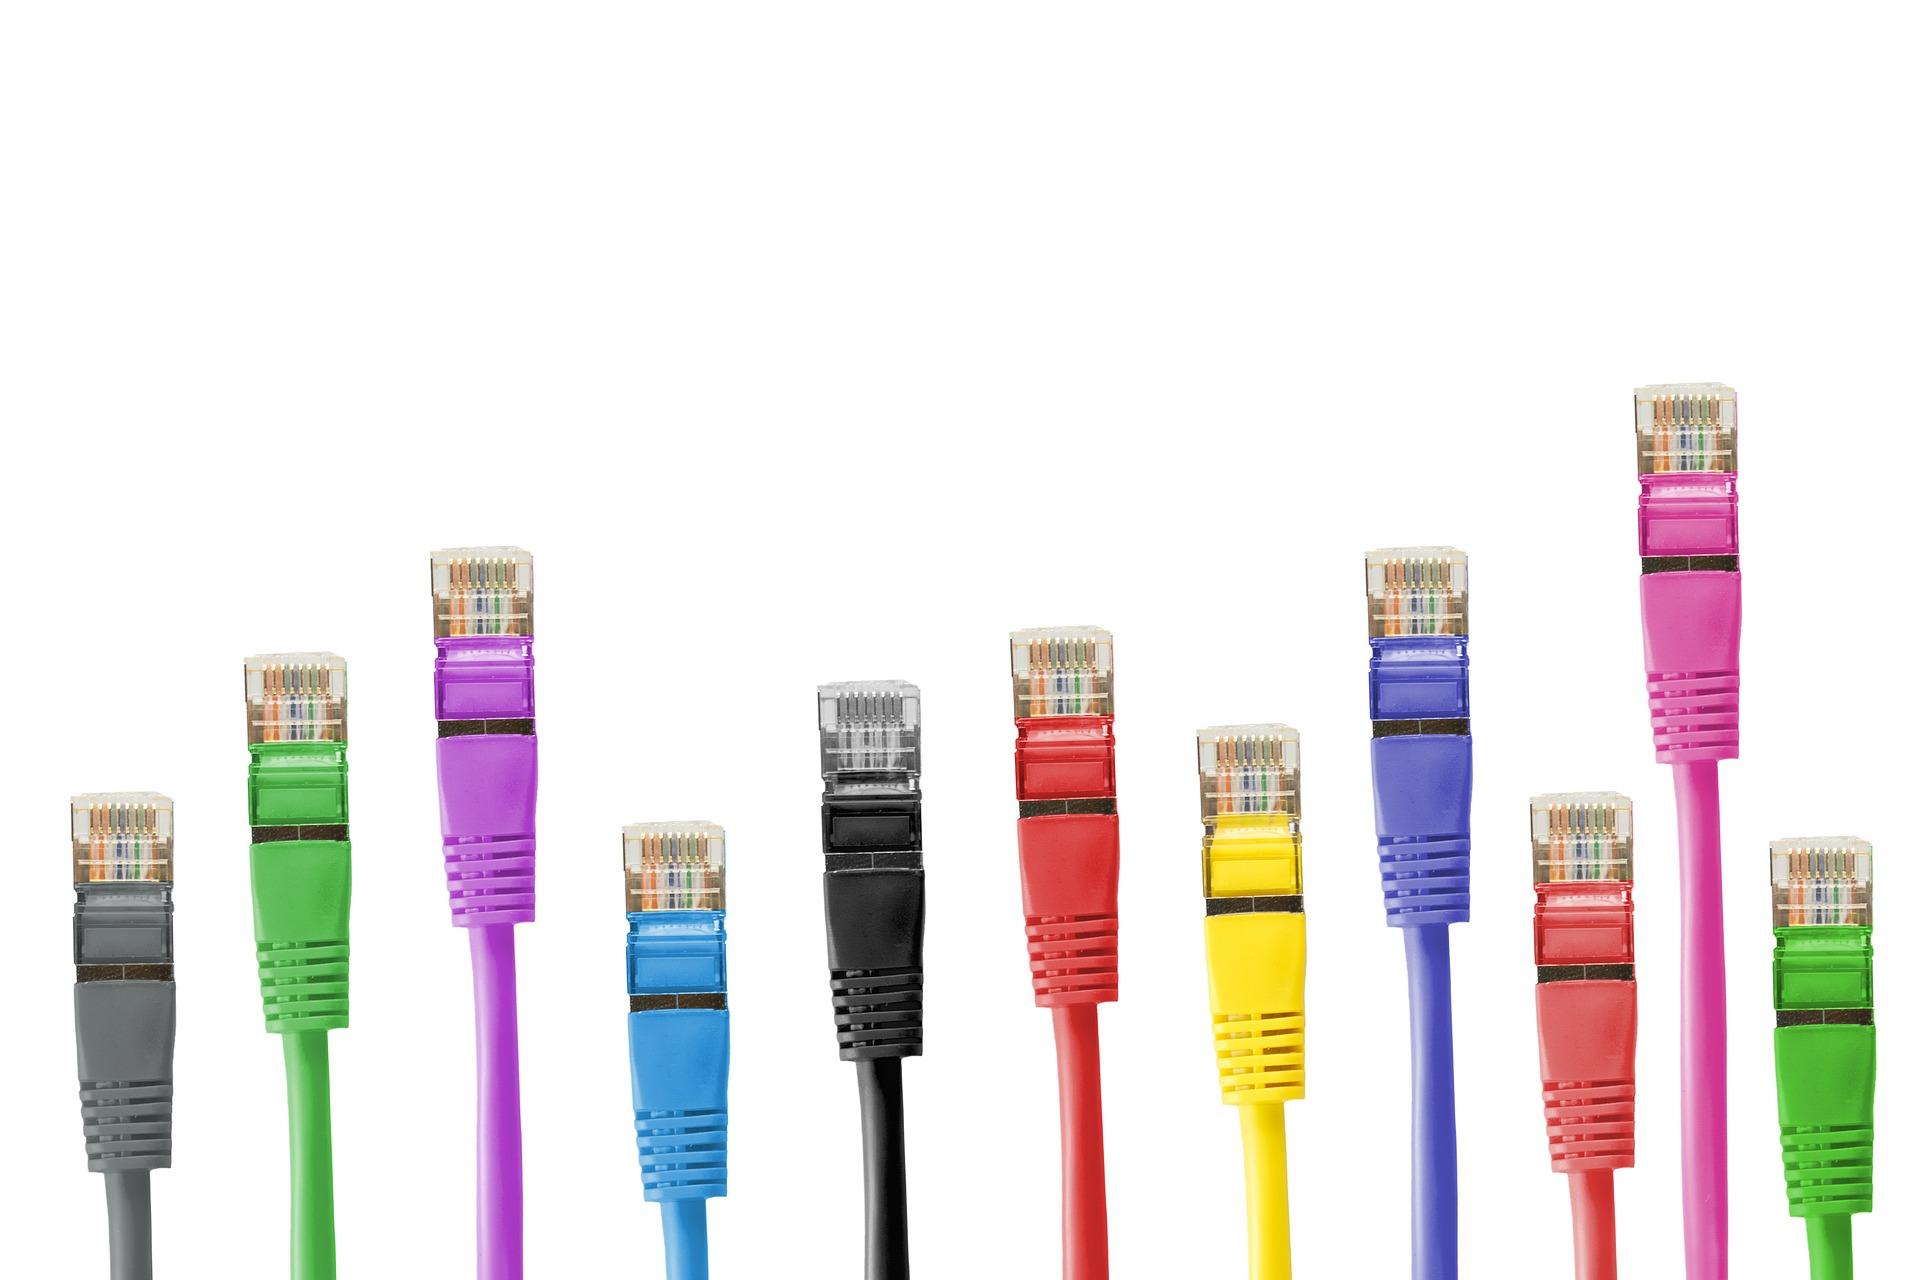 LANケーブルの種類と注意点